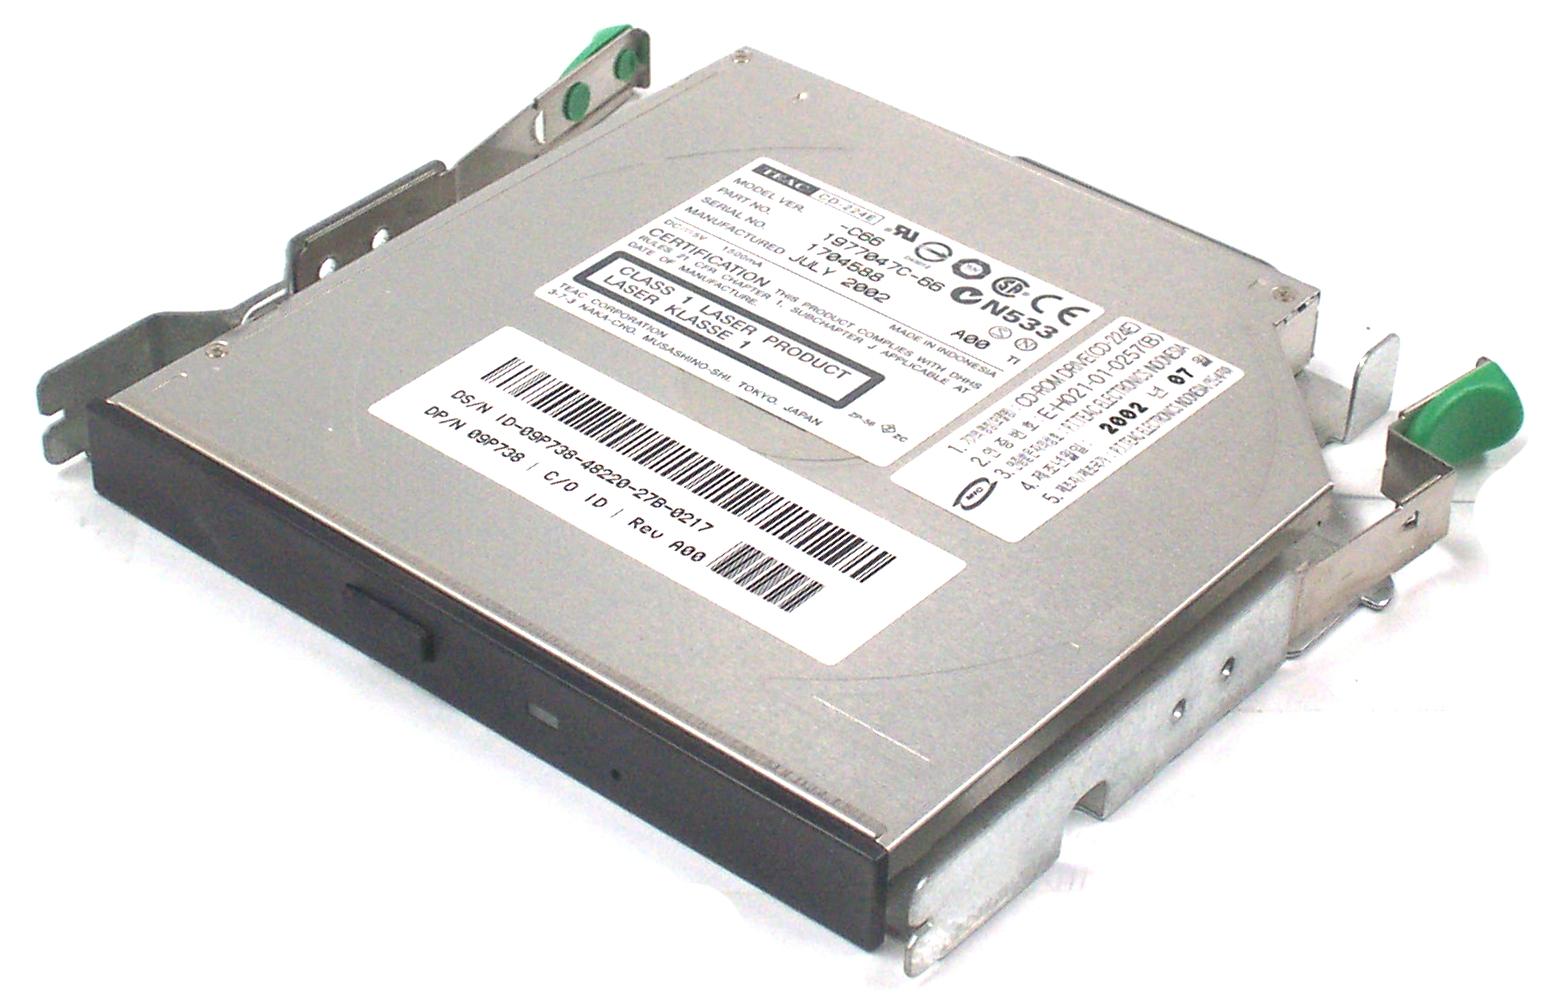 Dell optiplex 740 sound driver